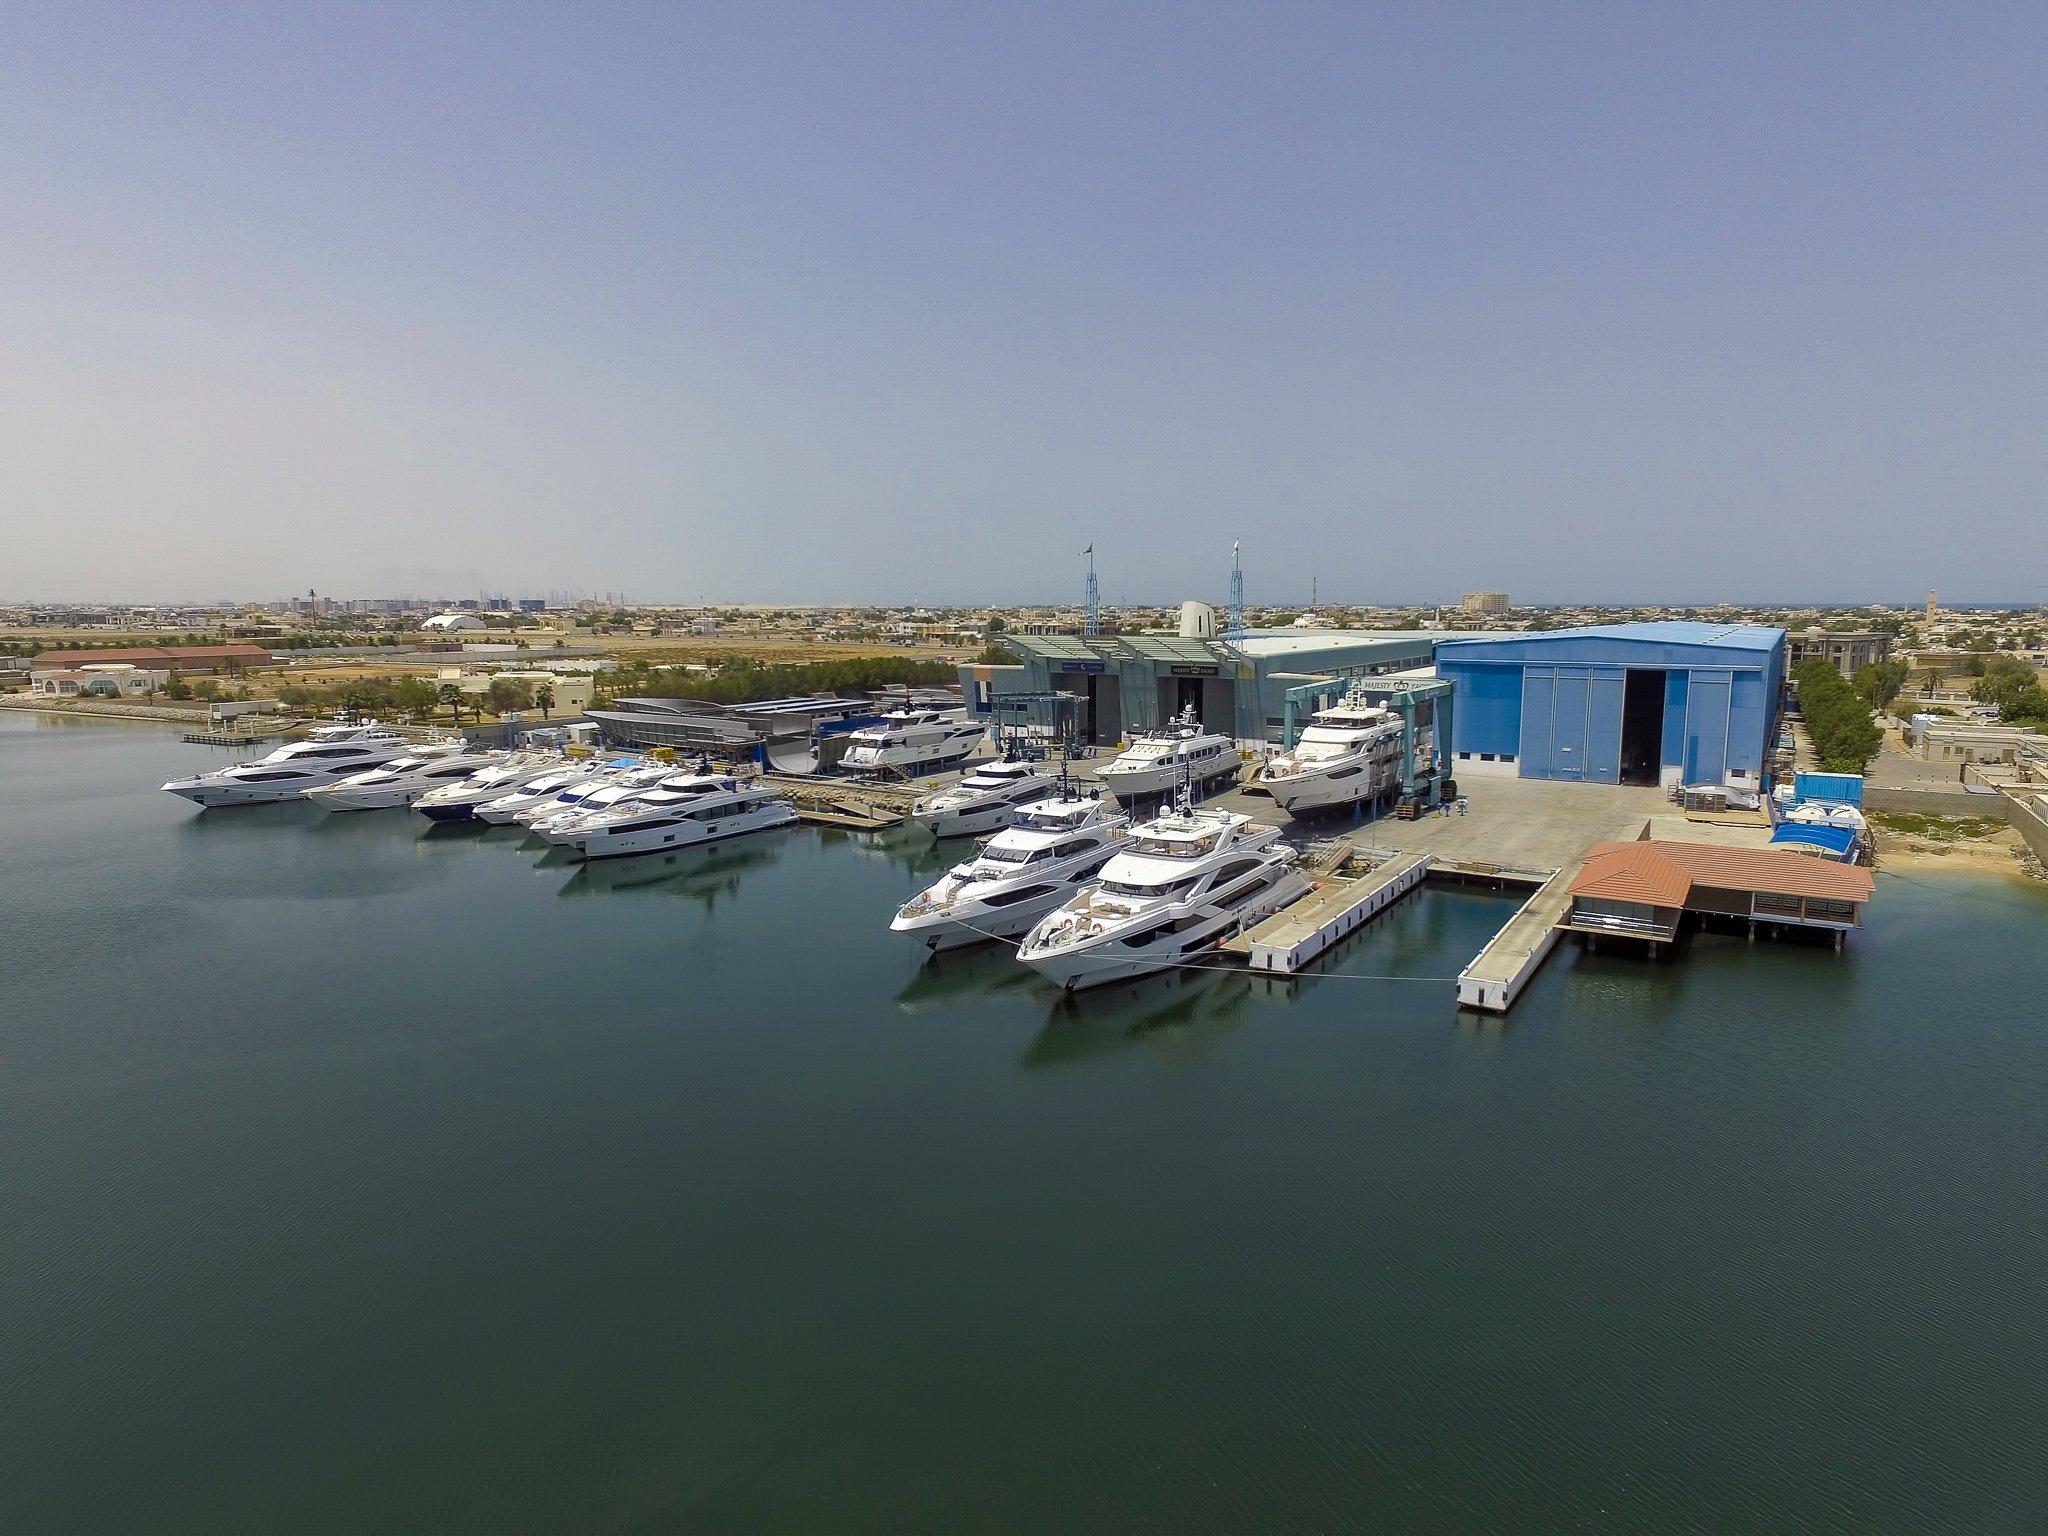 Majesty Yachts and Nomad Yachts shipyard 2018 (1)